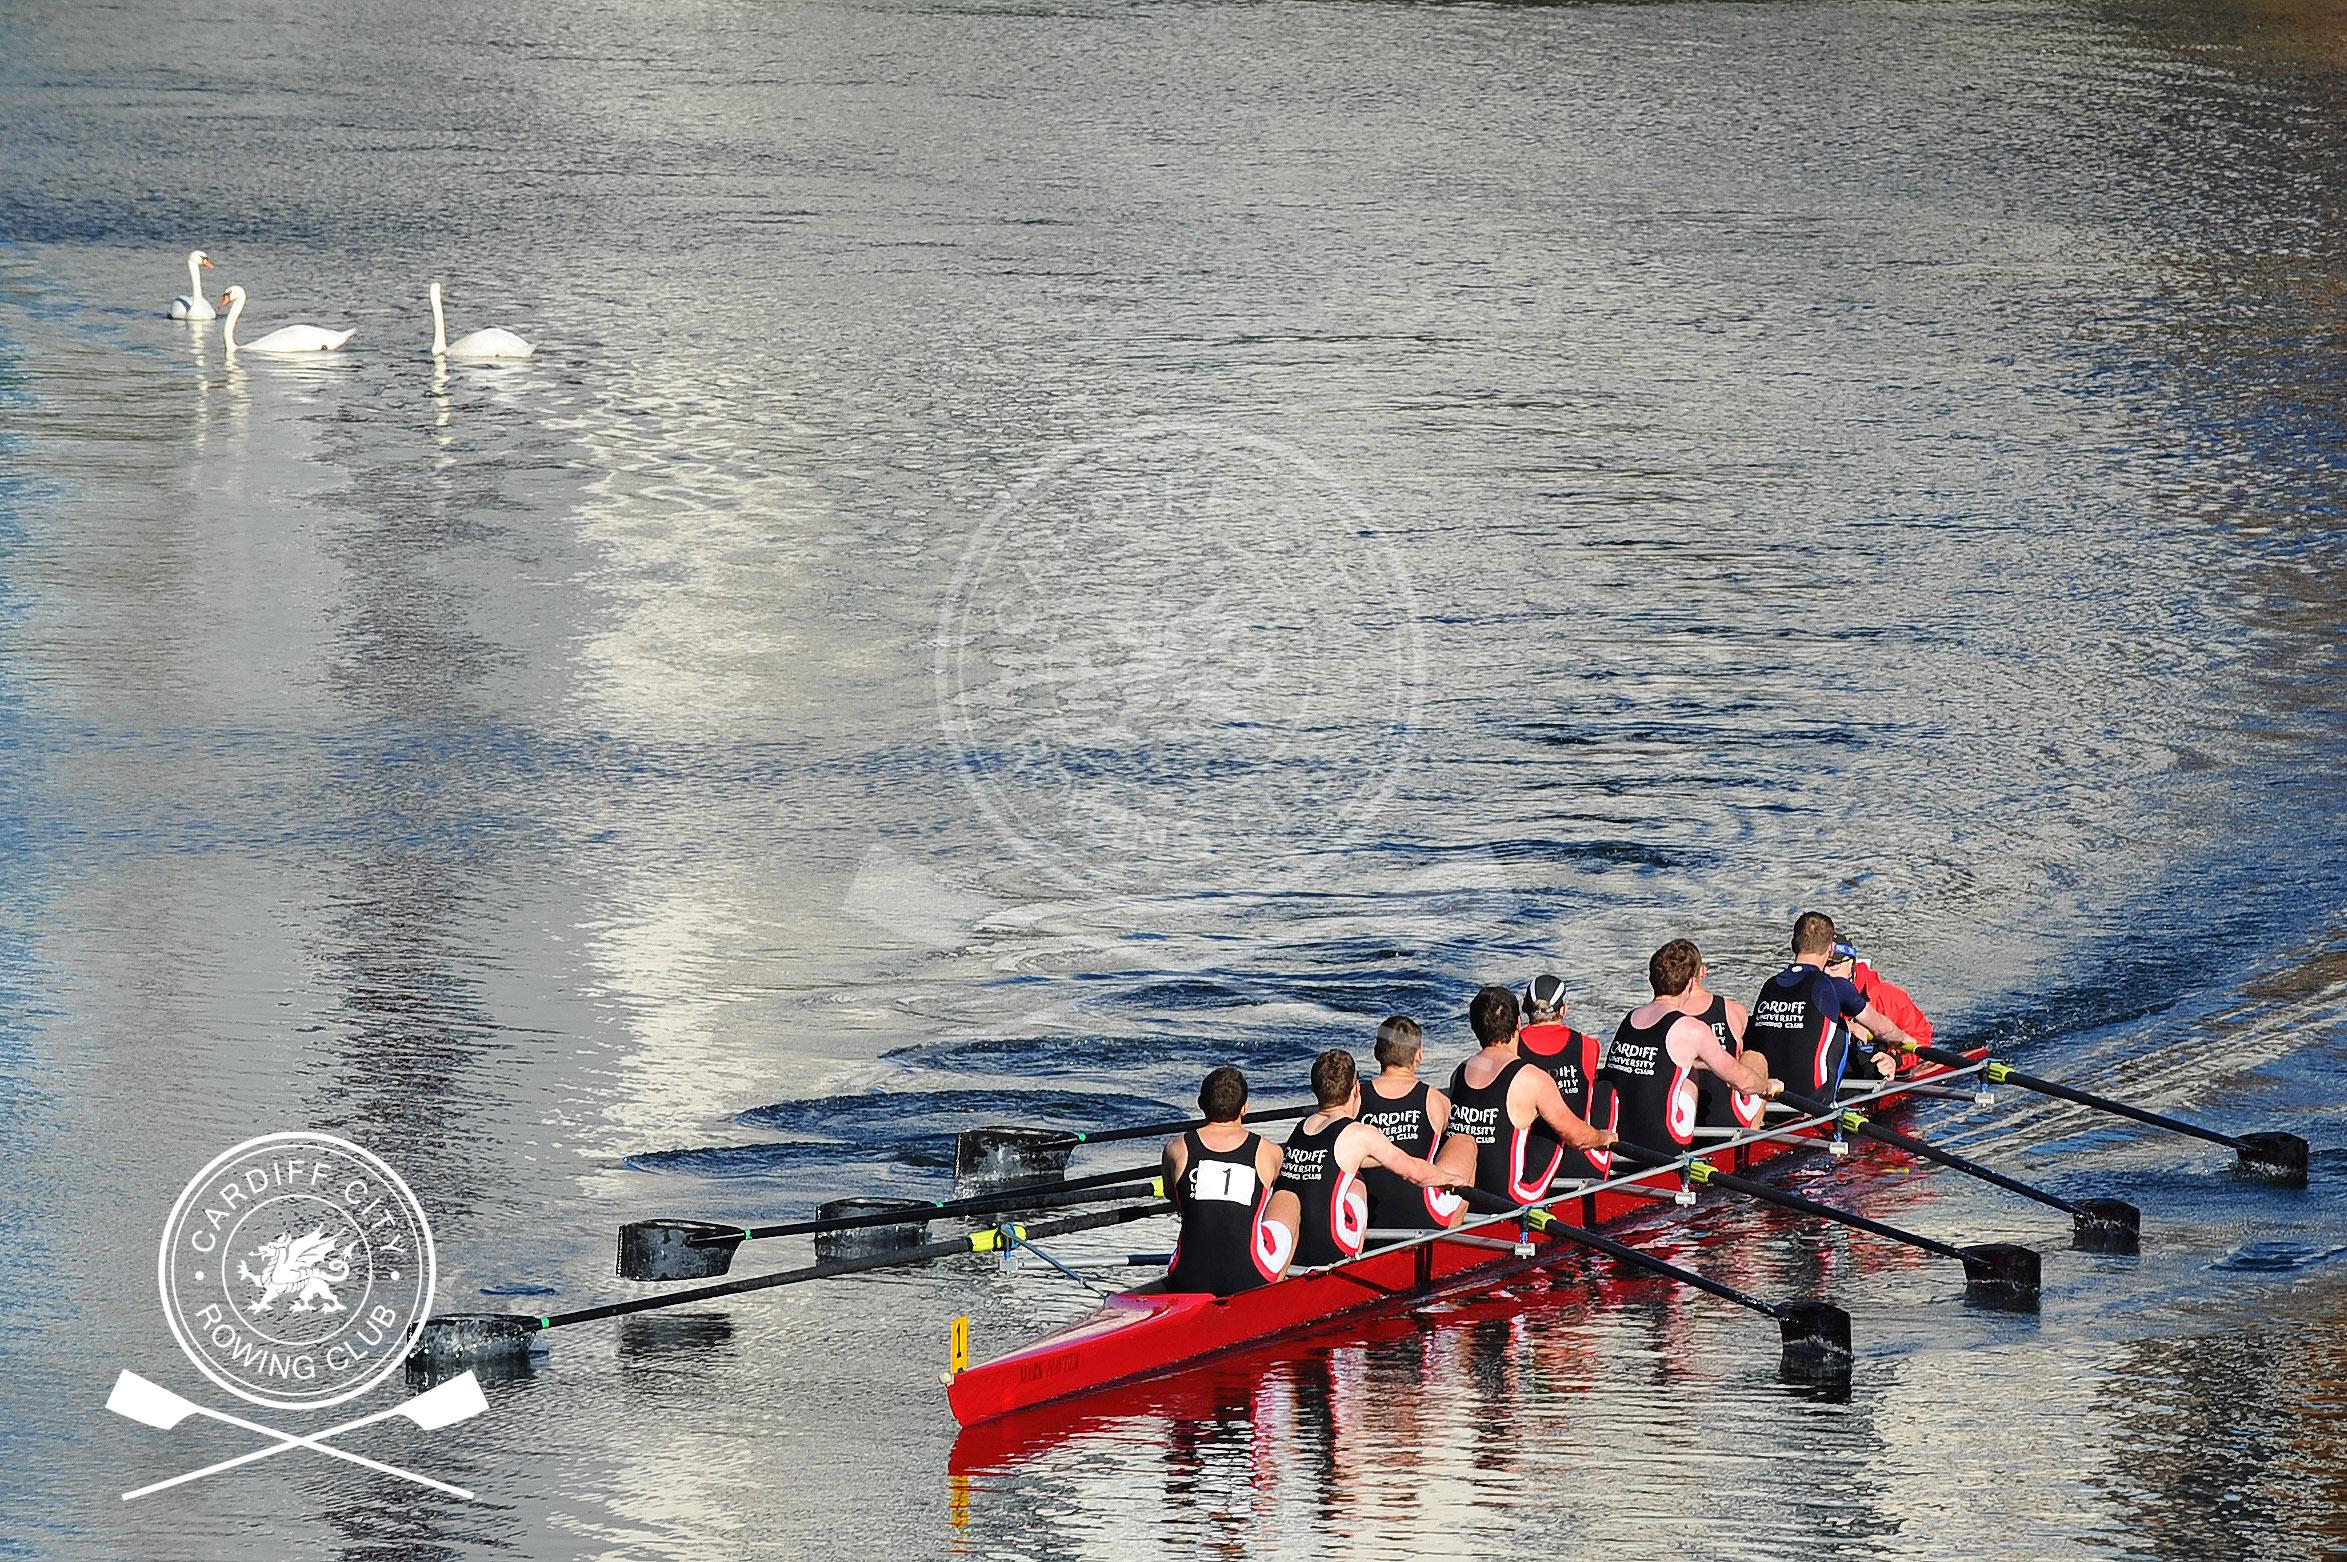 Cardiff_City_Head_Race_03.jpg